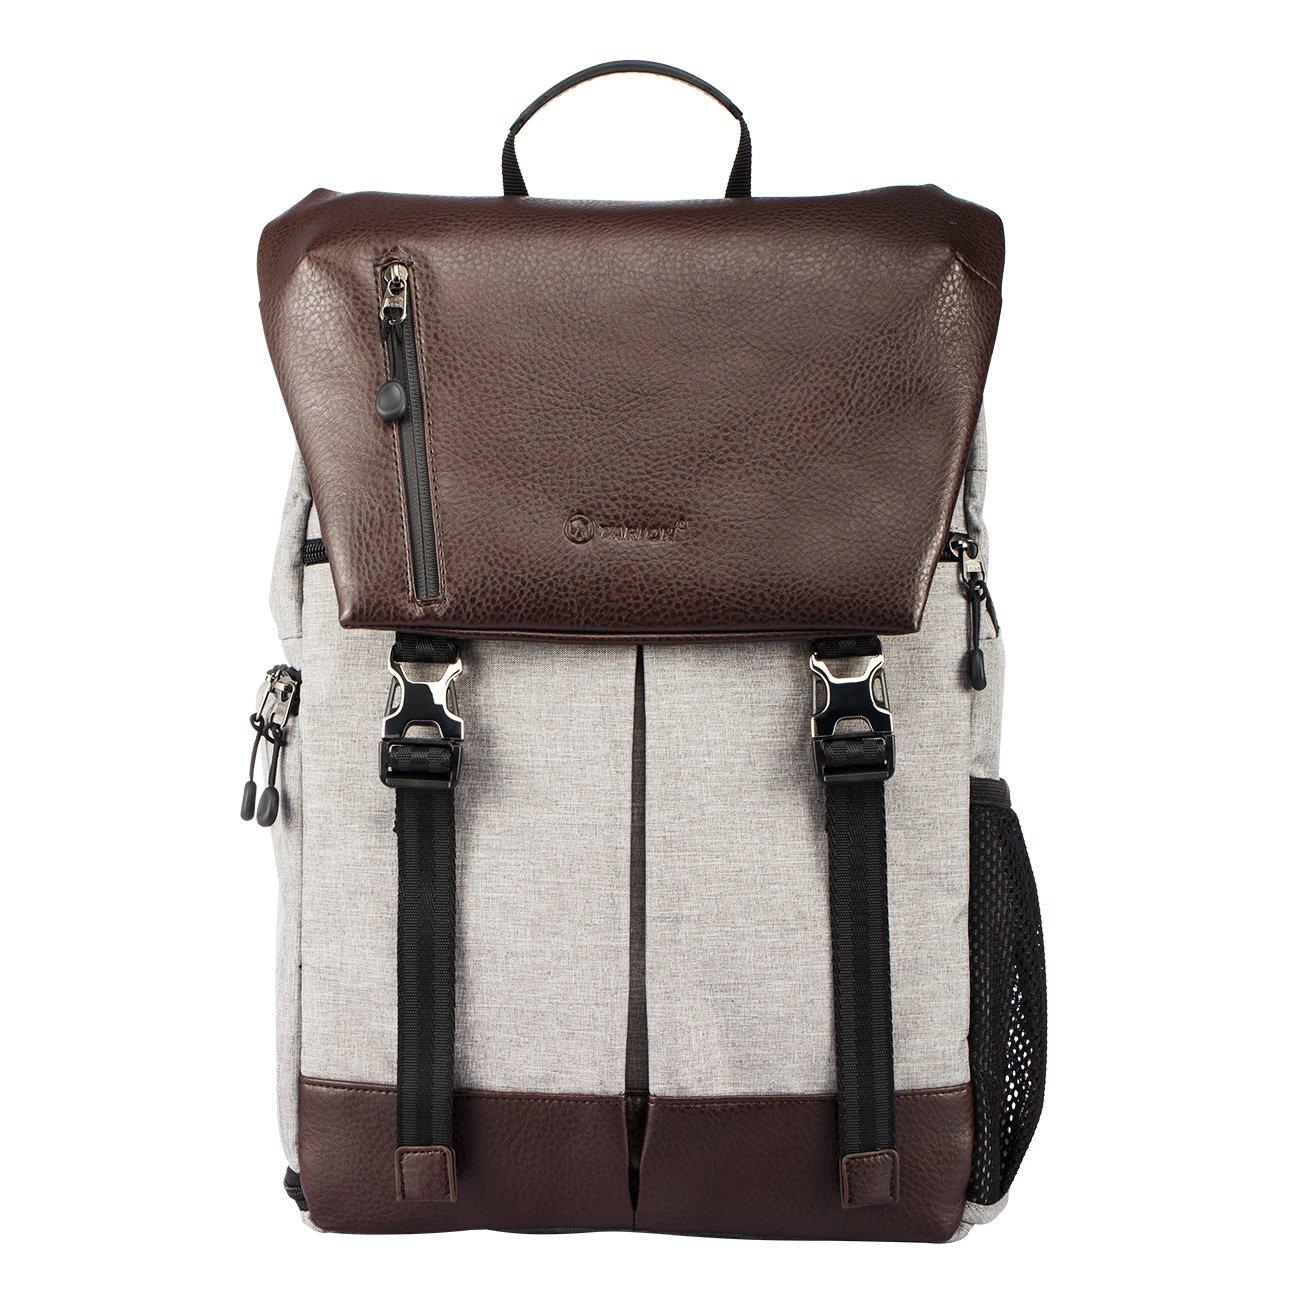 TARION RB-02 Kamerarucksack Reiserucksack Wasserabweisend SLR Rucksack mit Zubehörfächer für Kameras Zubehör und Outdoor Sport Reise 1010553